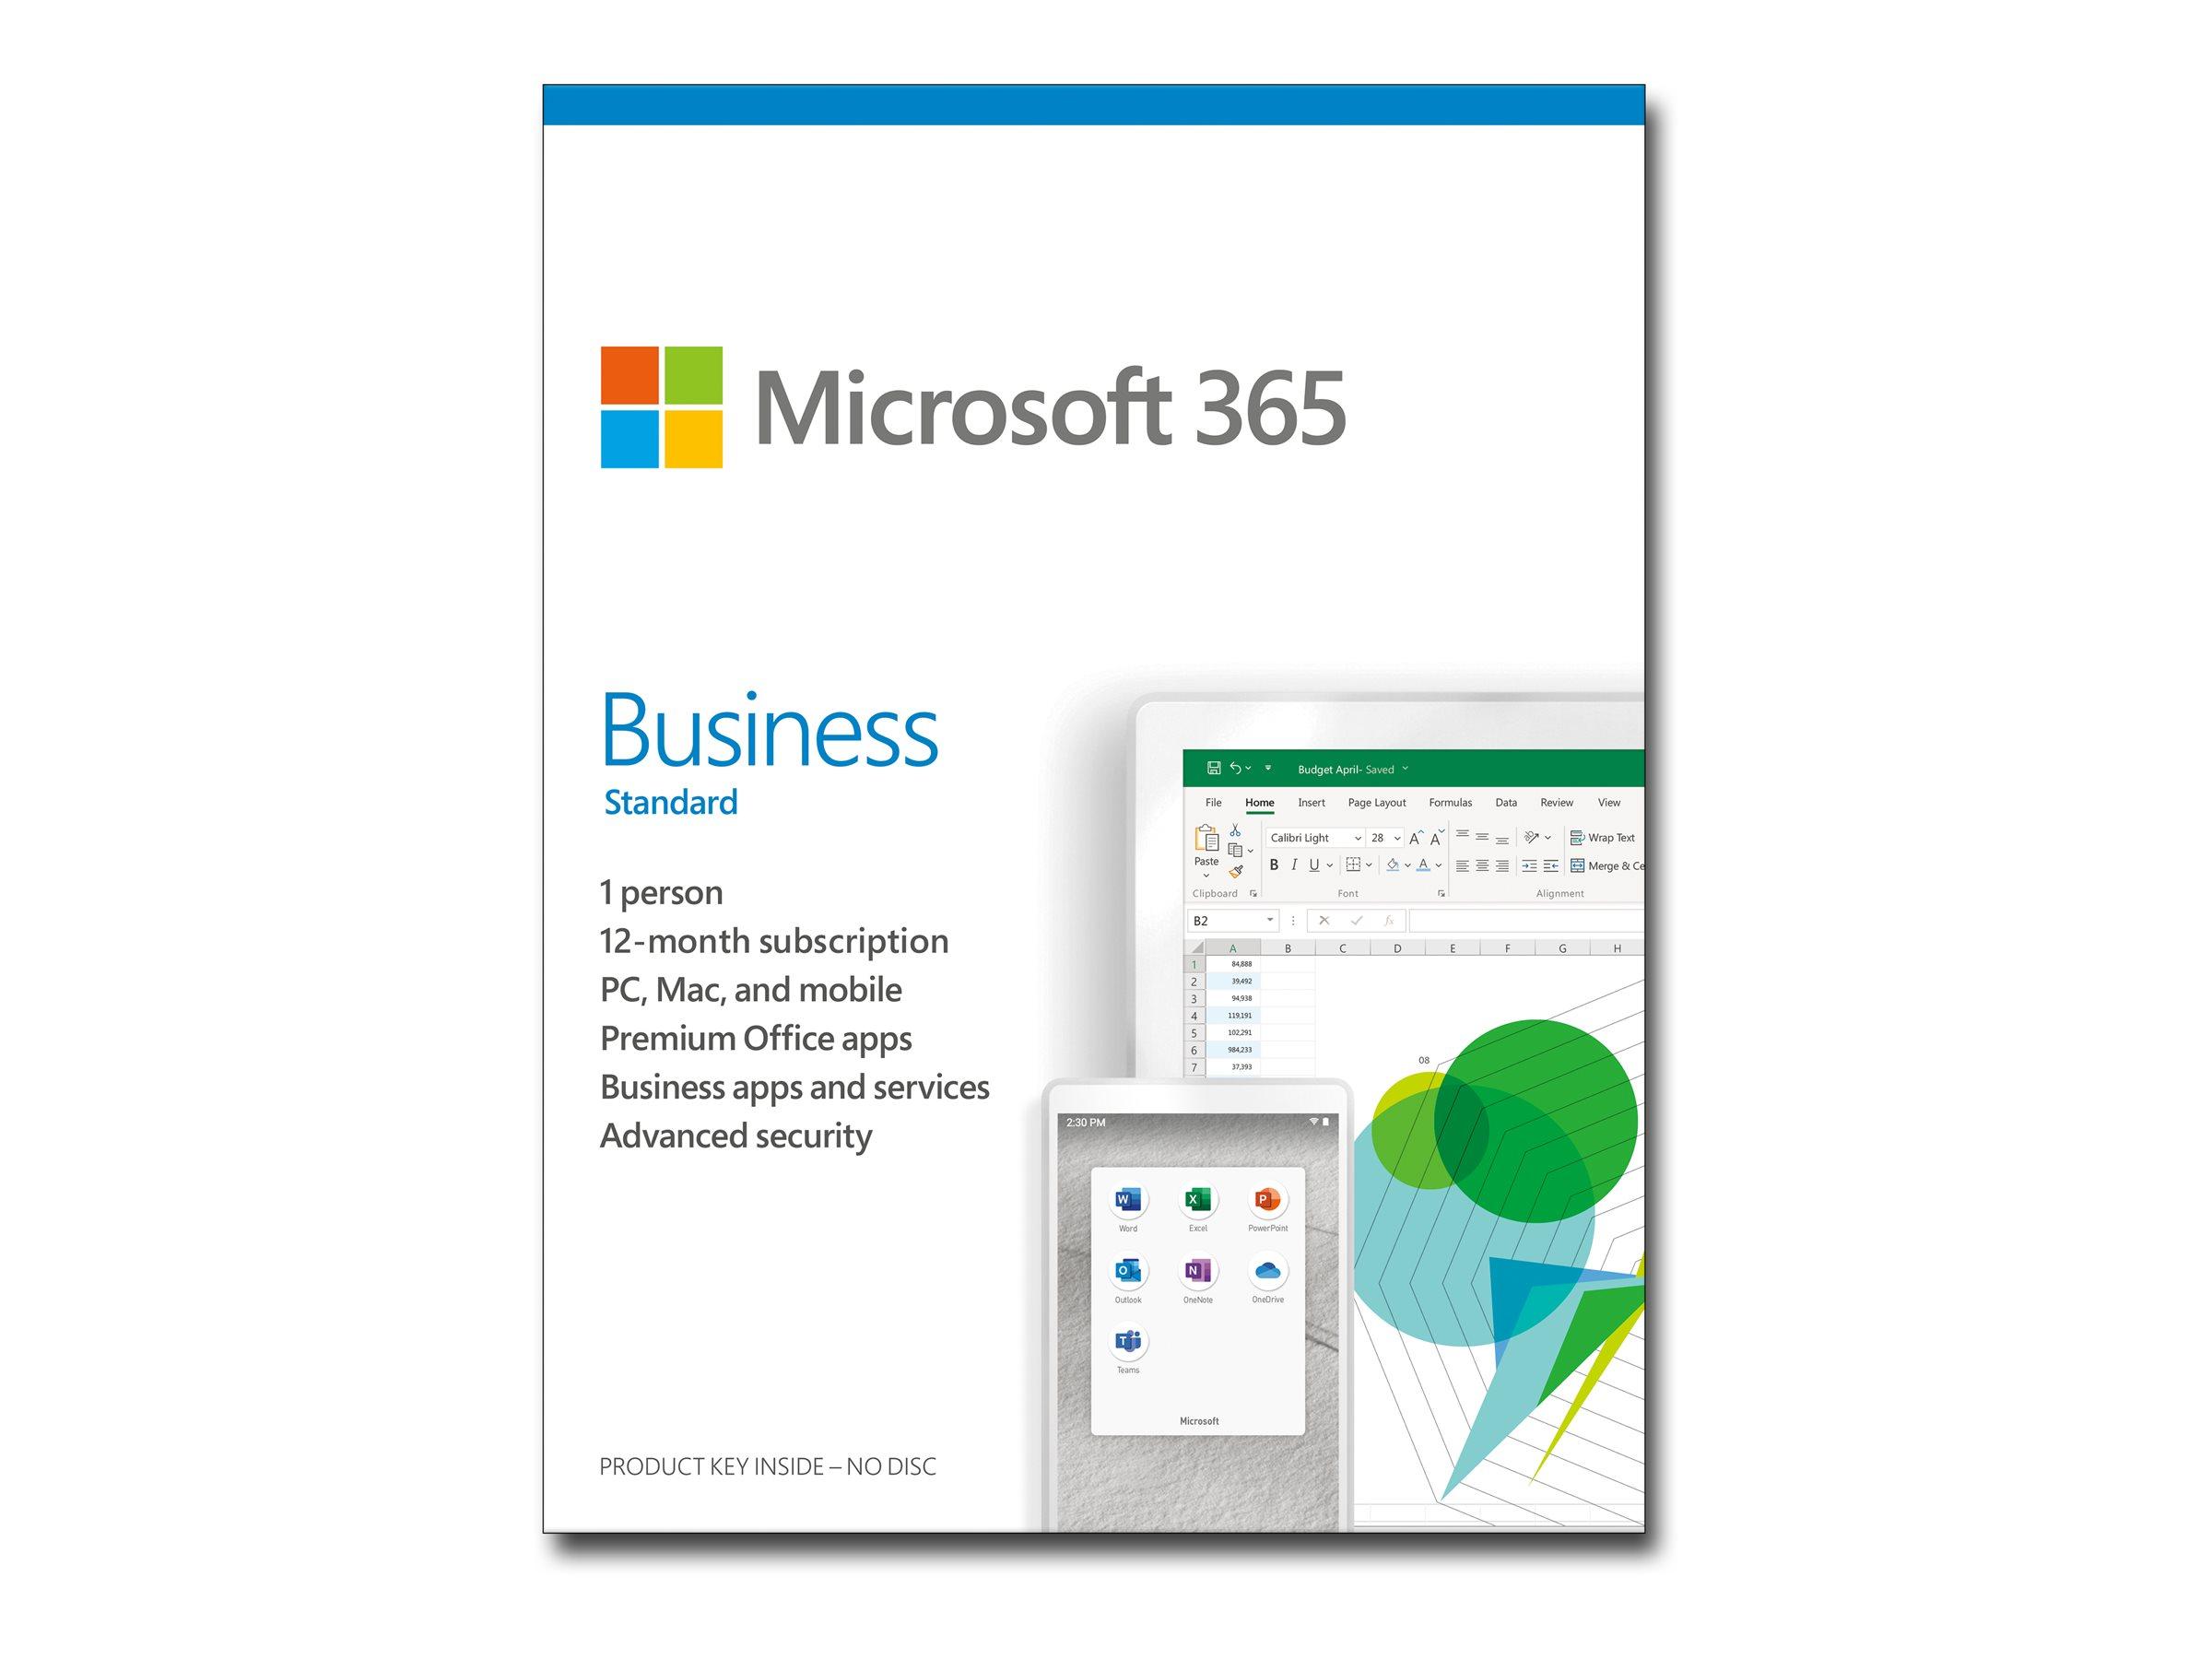 Vorschau: Microsoft 365 Business Standard - Box-Pack (1 Jahr)